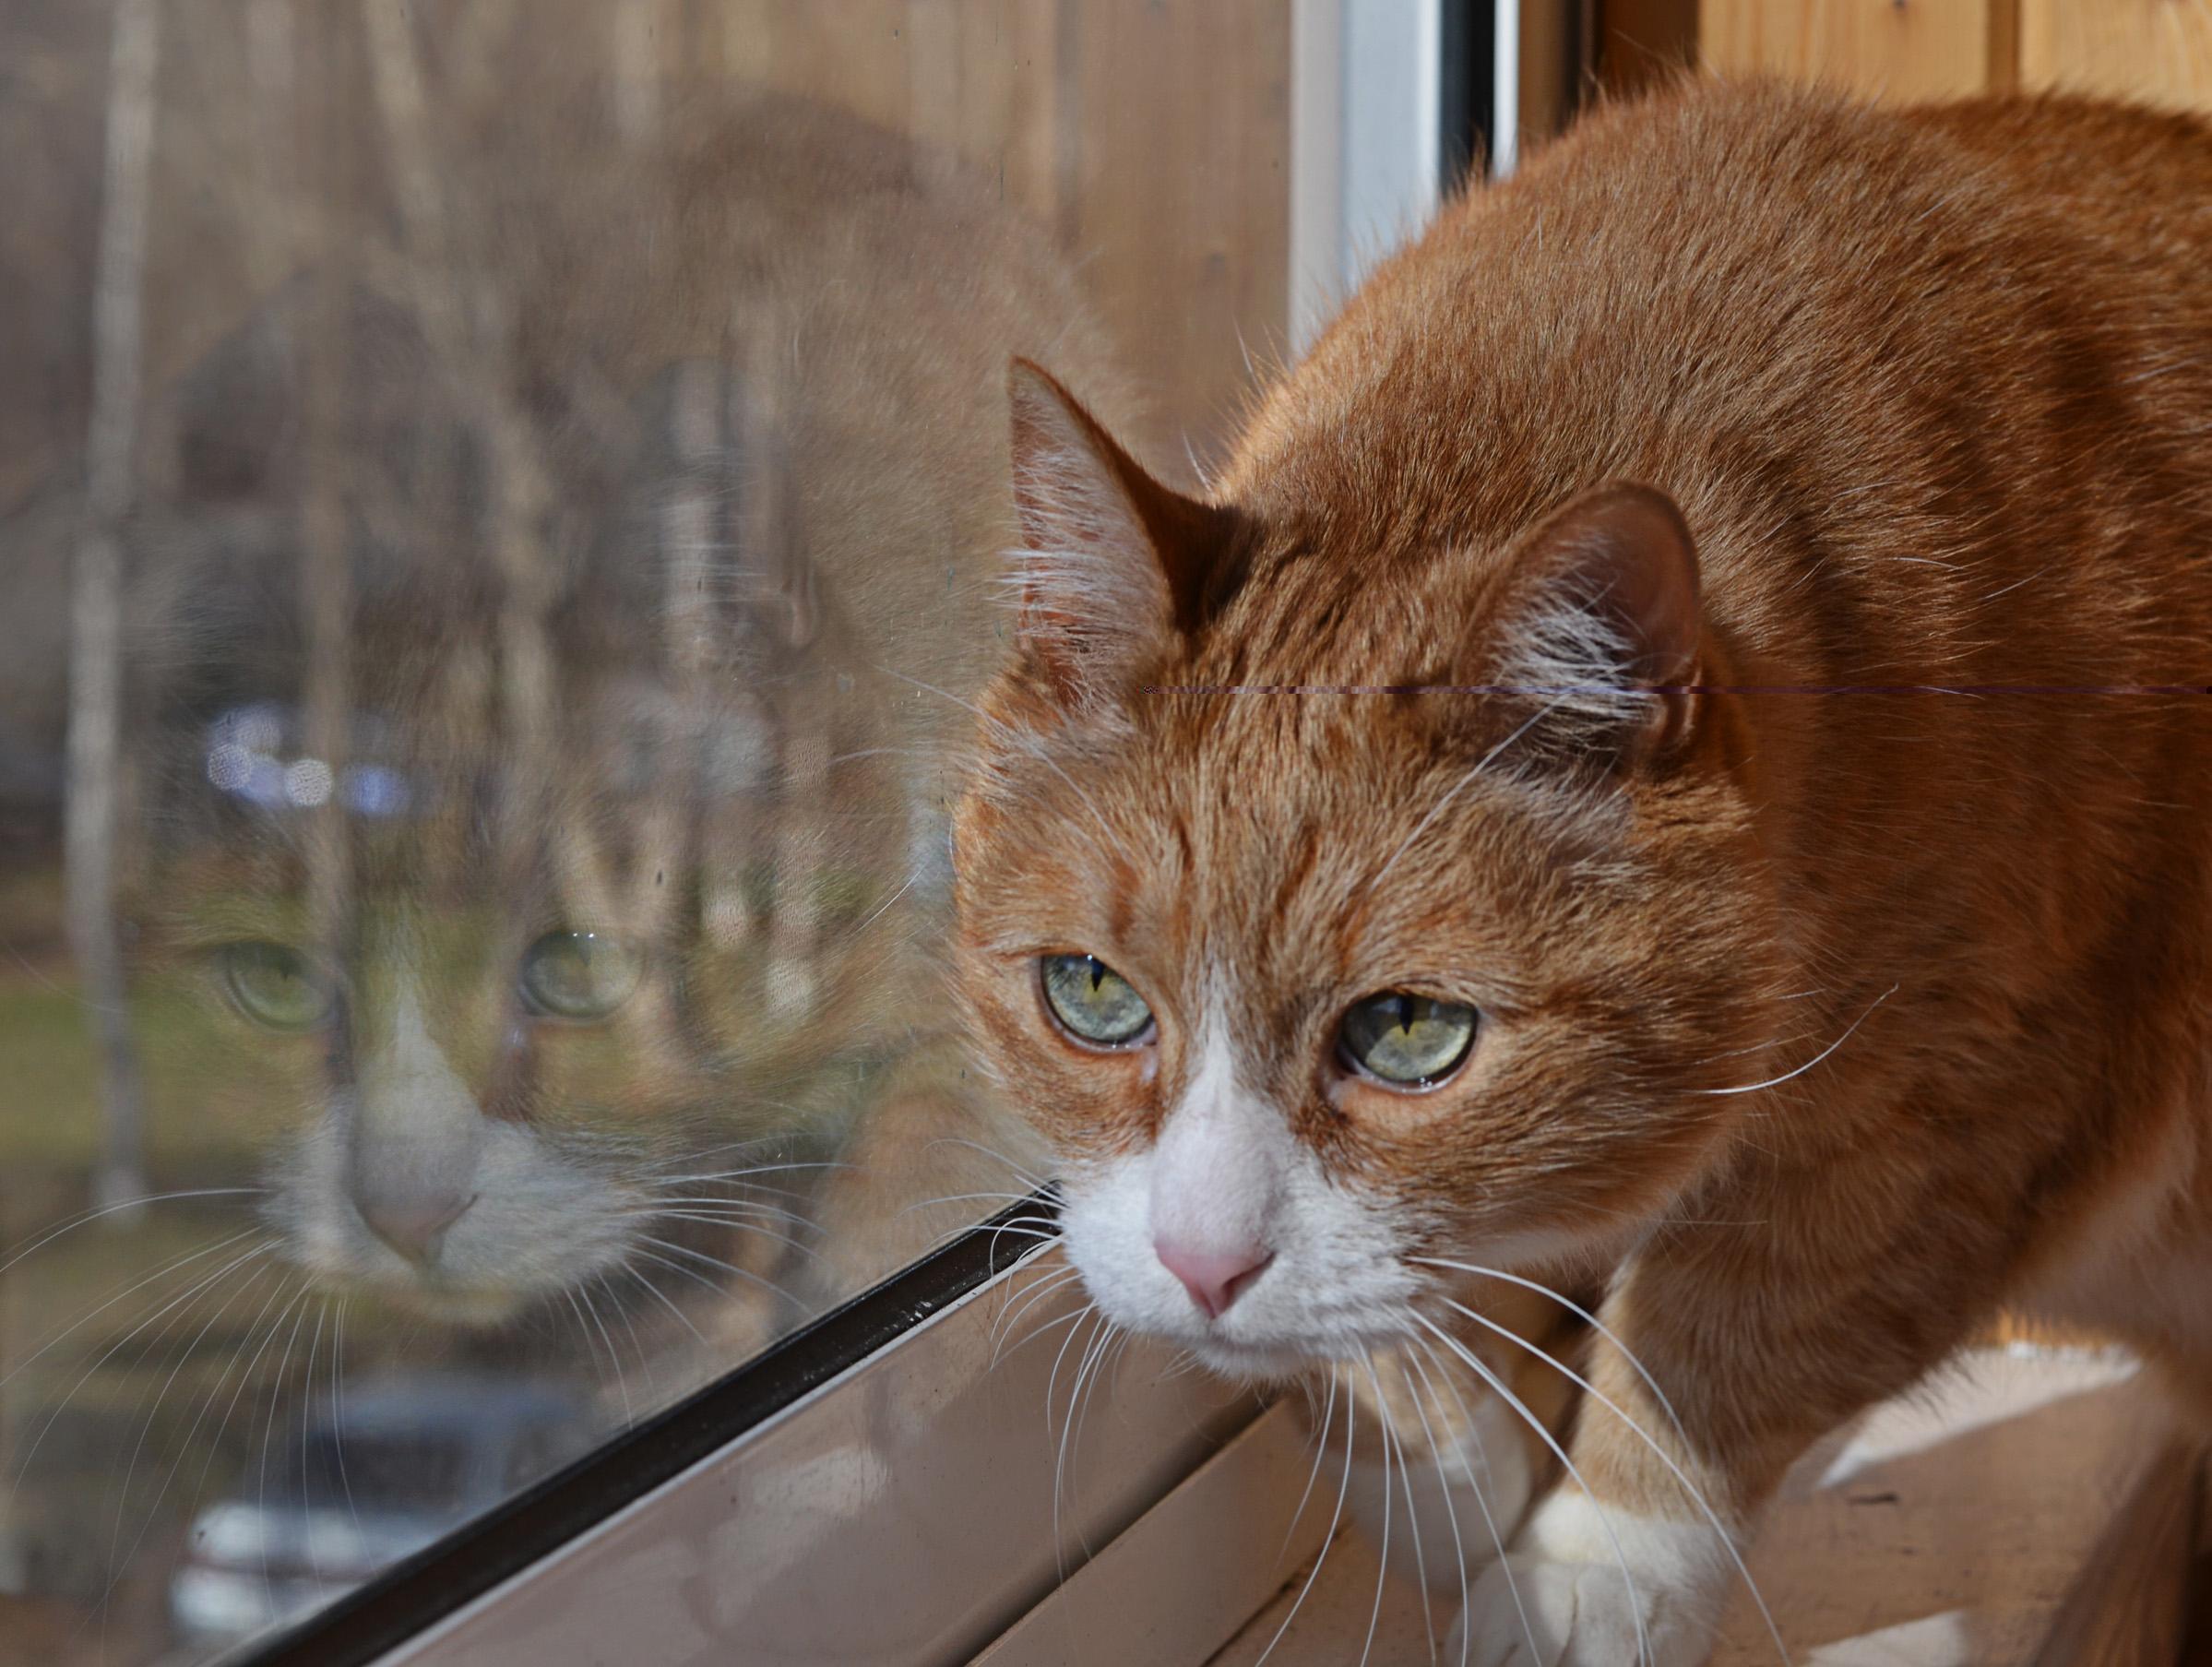 Ох уж этот Кузя-ОХОТНИЧЕК..... Лучше кошки зверя нет!